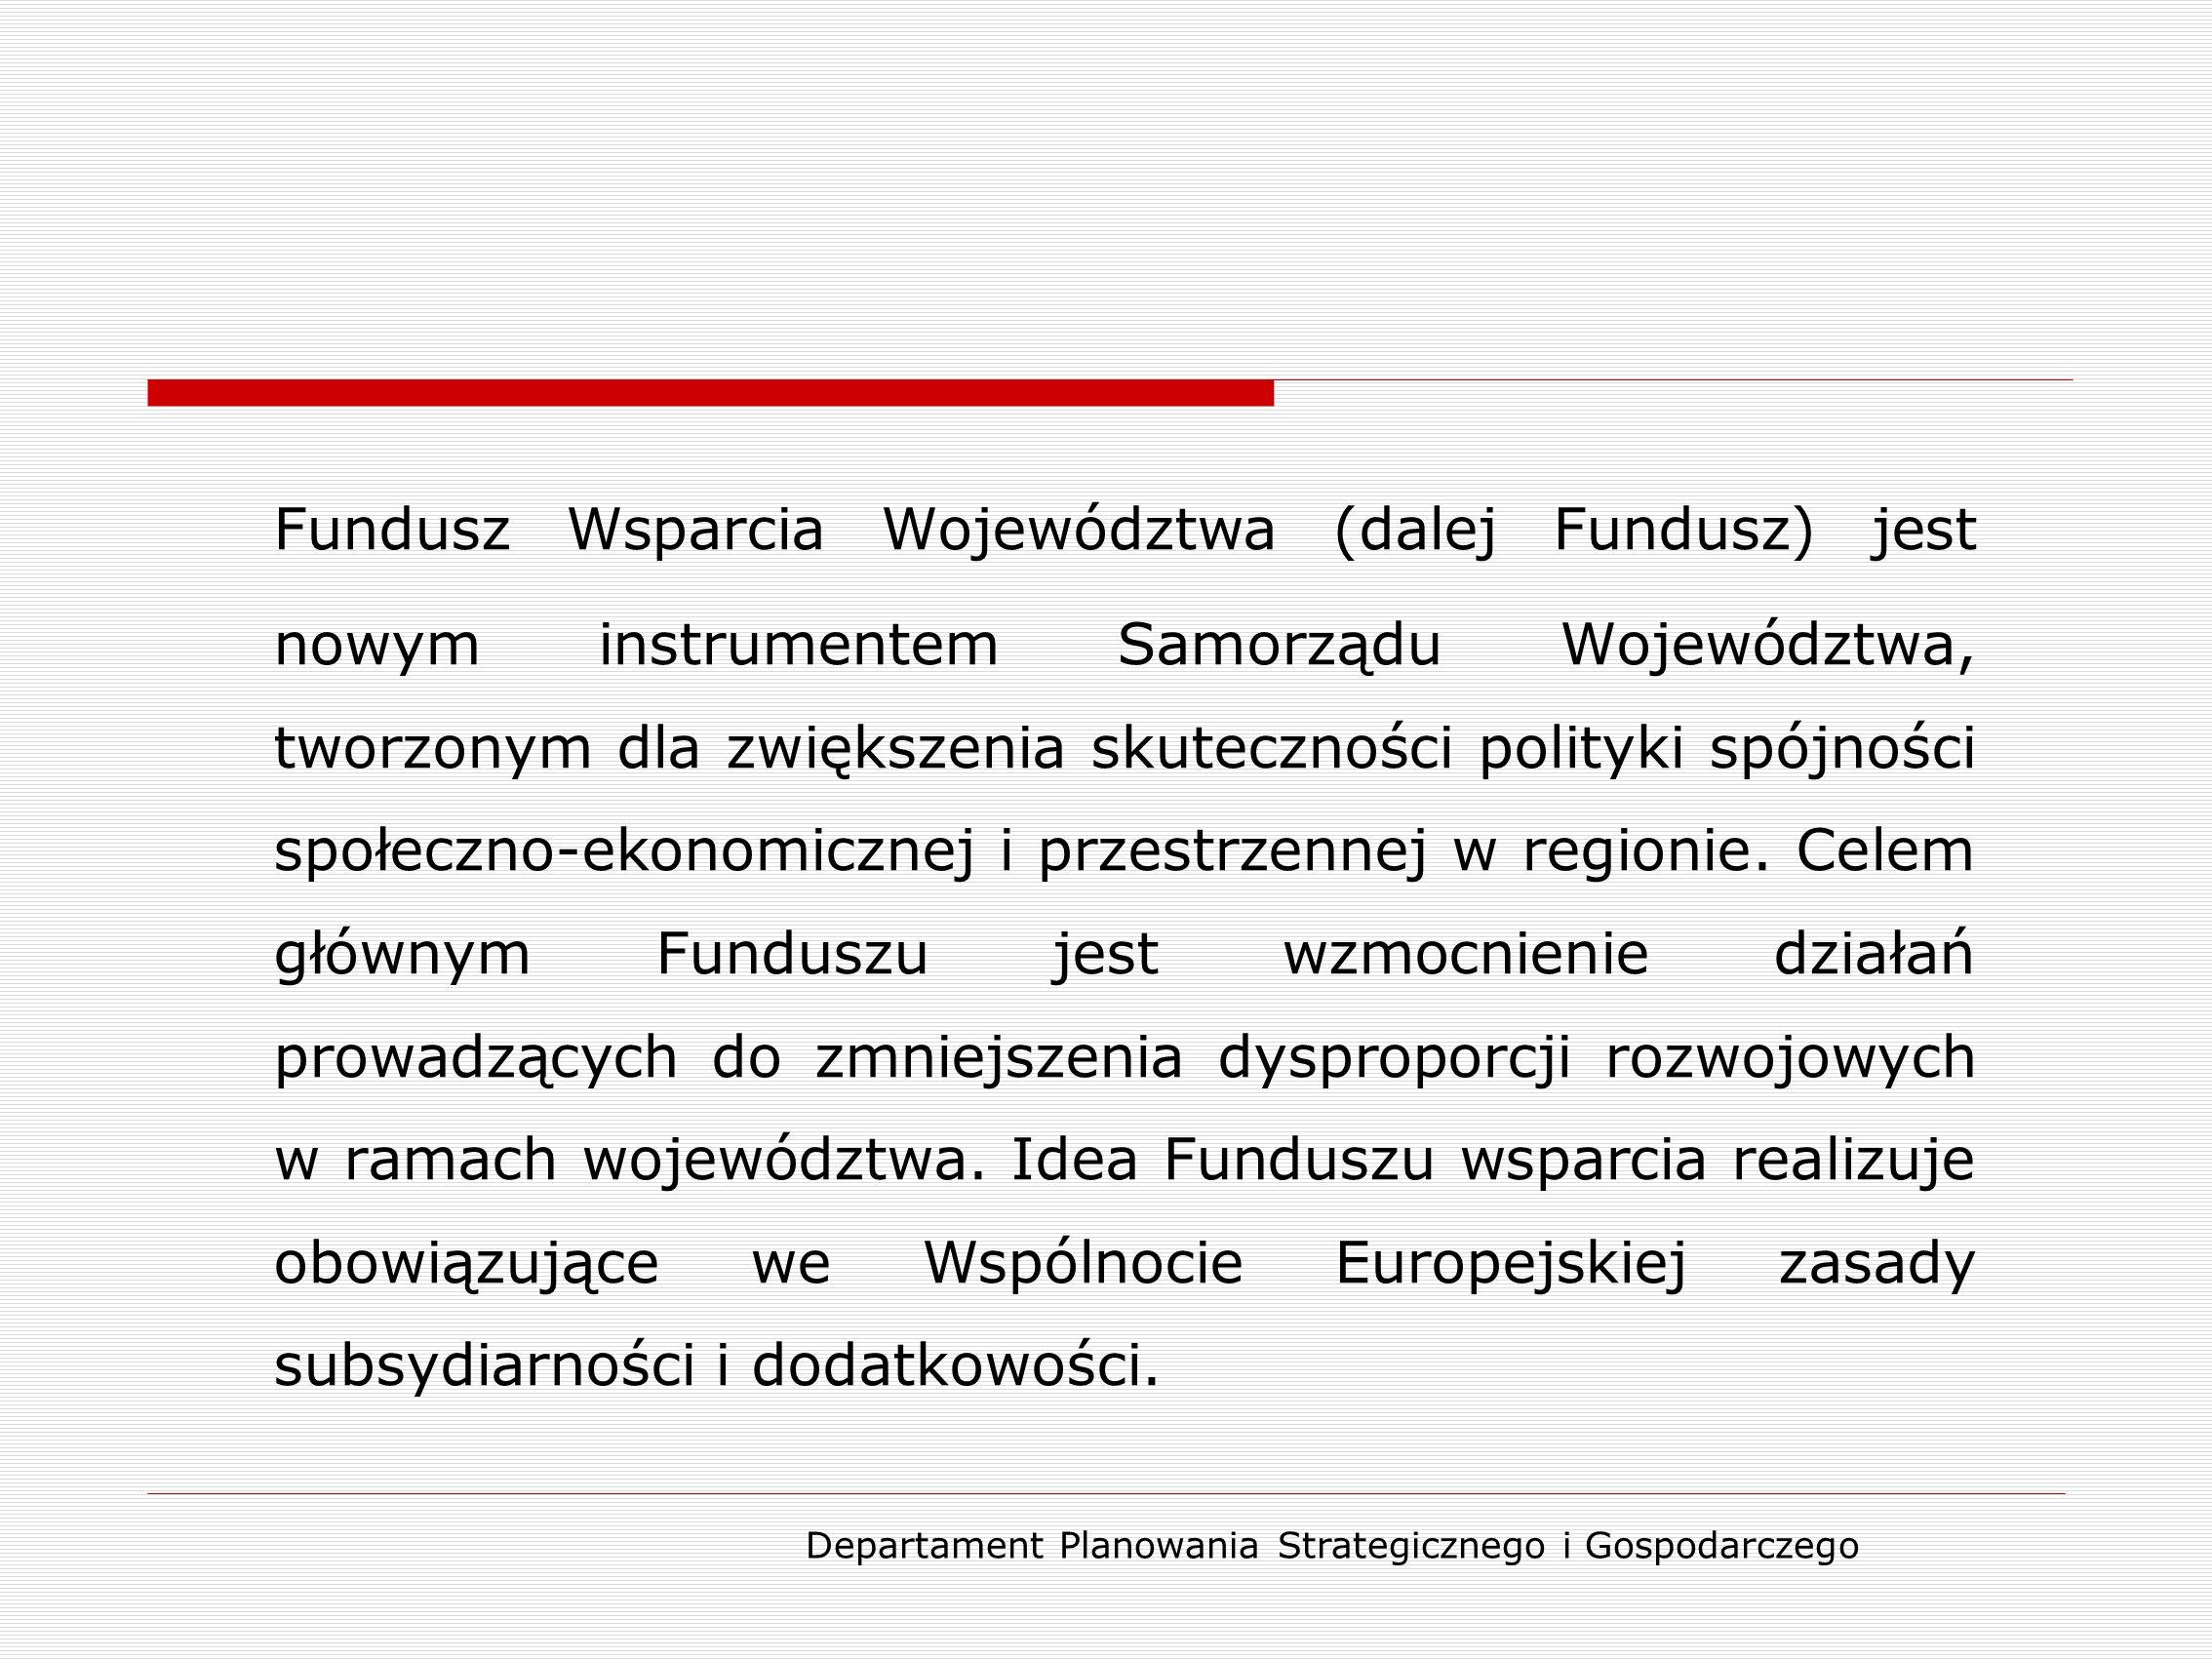 Departament Planowania Strategicznego i Gospodarczego Zasady przydzielania wsparcia W celu wyrównania dysproporcji rozwojowych pomiędzy gminami województwa kujawsko-pomorskiego Funduszem Wsparcia objęto gminy charakteryzujące się najmniejszym potencjałem rozwojowym, wyrażającym się poziomem dochodu własnego na 1 mieszkańca oraz gminy, które w niewielkim stopniu korzystały z funduszy europejskich.